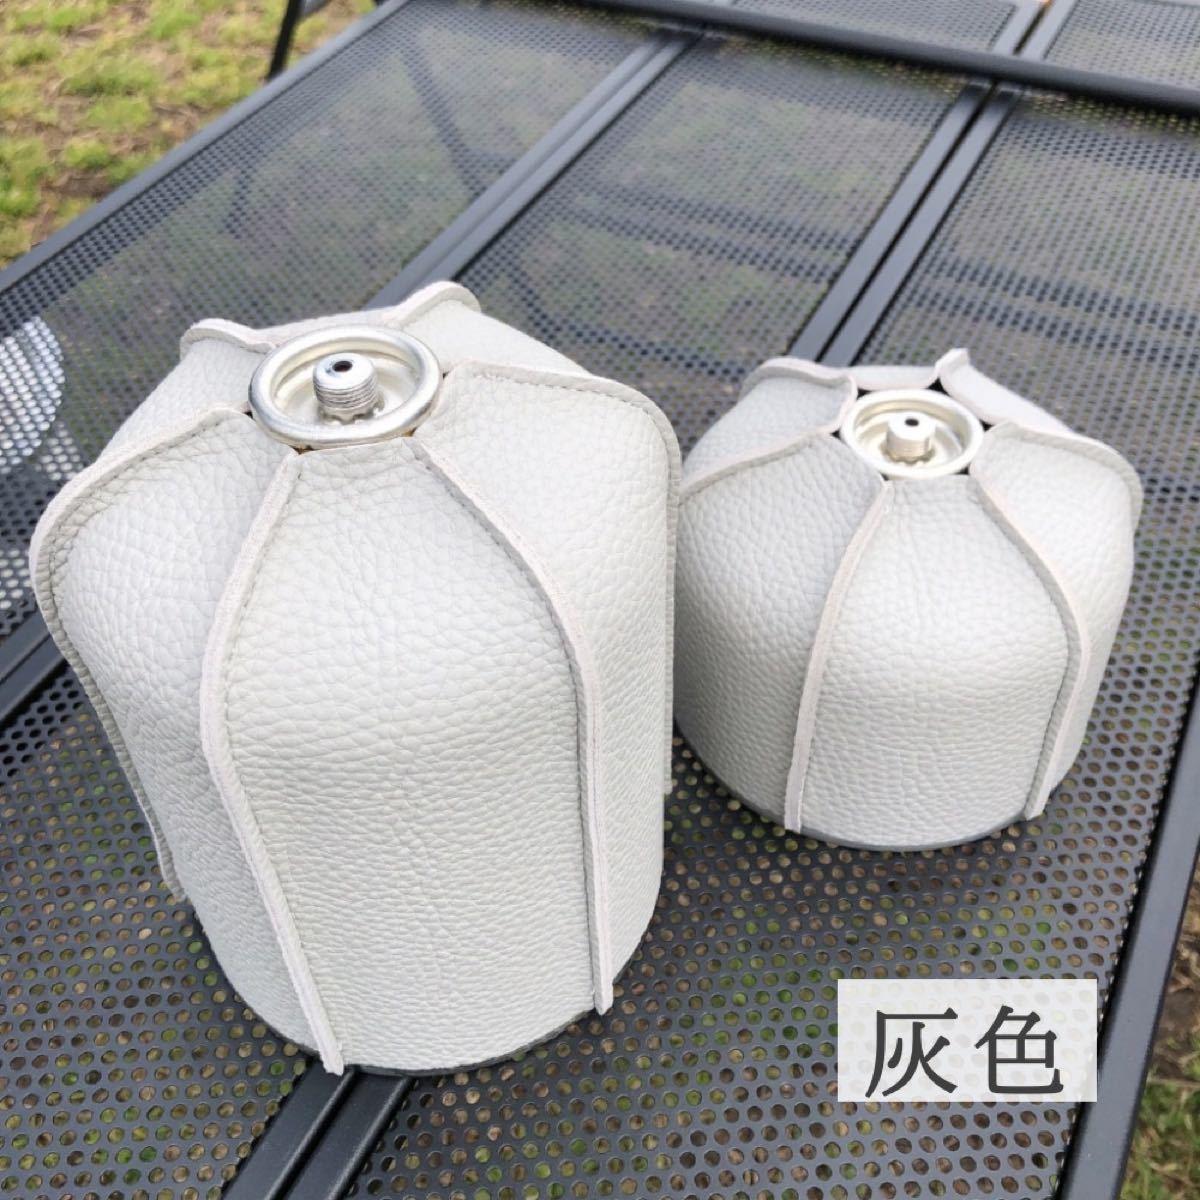 OD缶カバー ロング缶用 450/470/500g 革 アウトドア ガス缶 ケース  ヴィンテージ キャンプ ランタン グレー